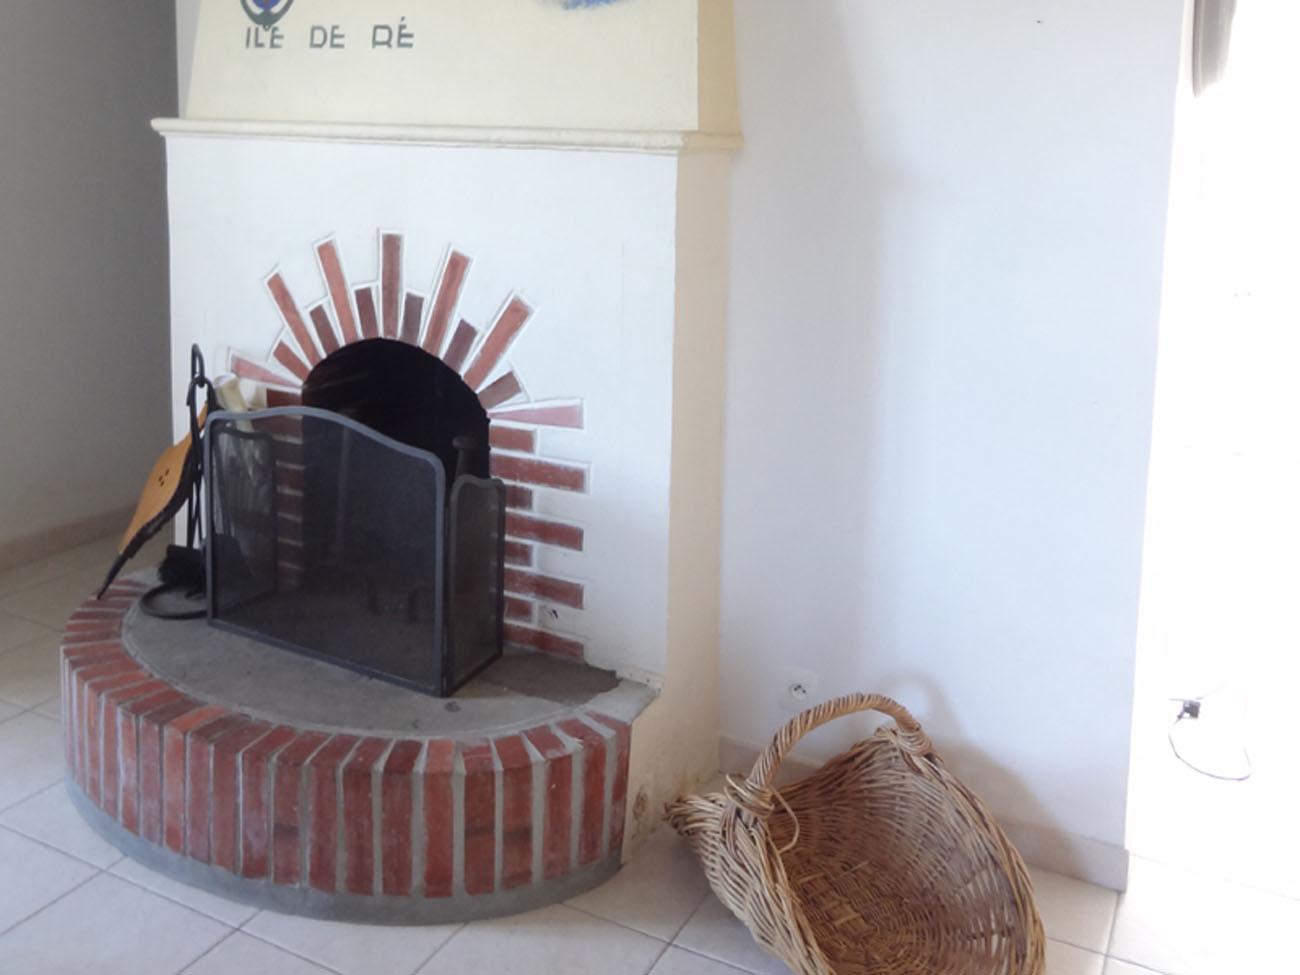 Location Maison Ile de Ré - Aumière - Cheminée